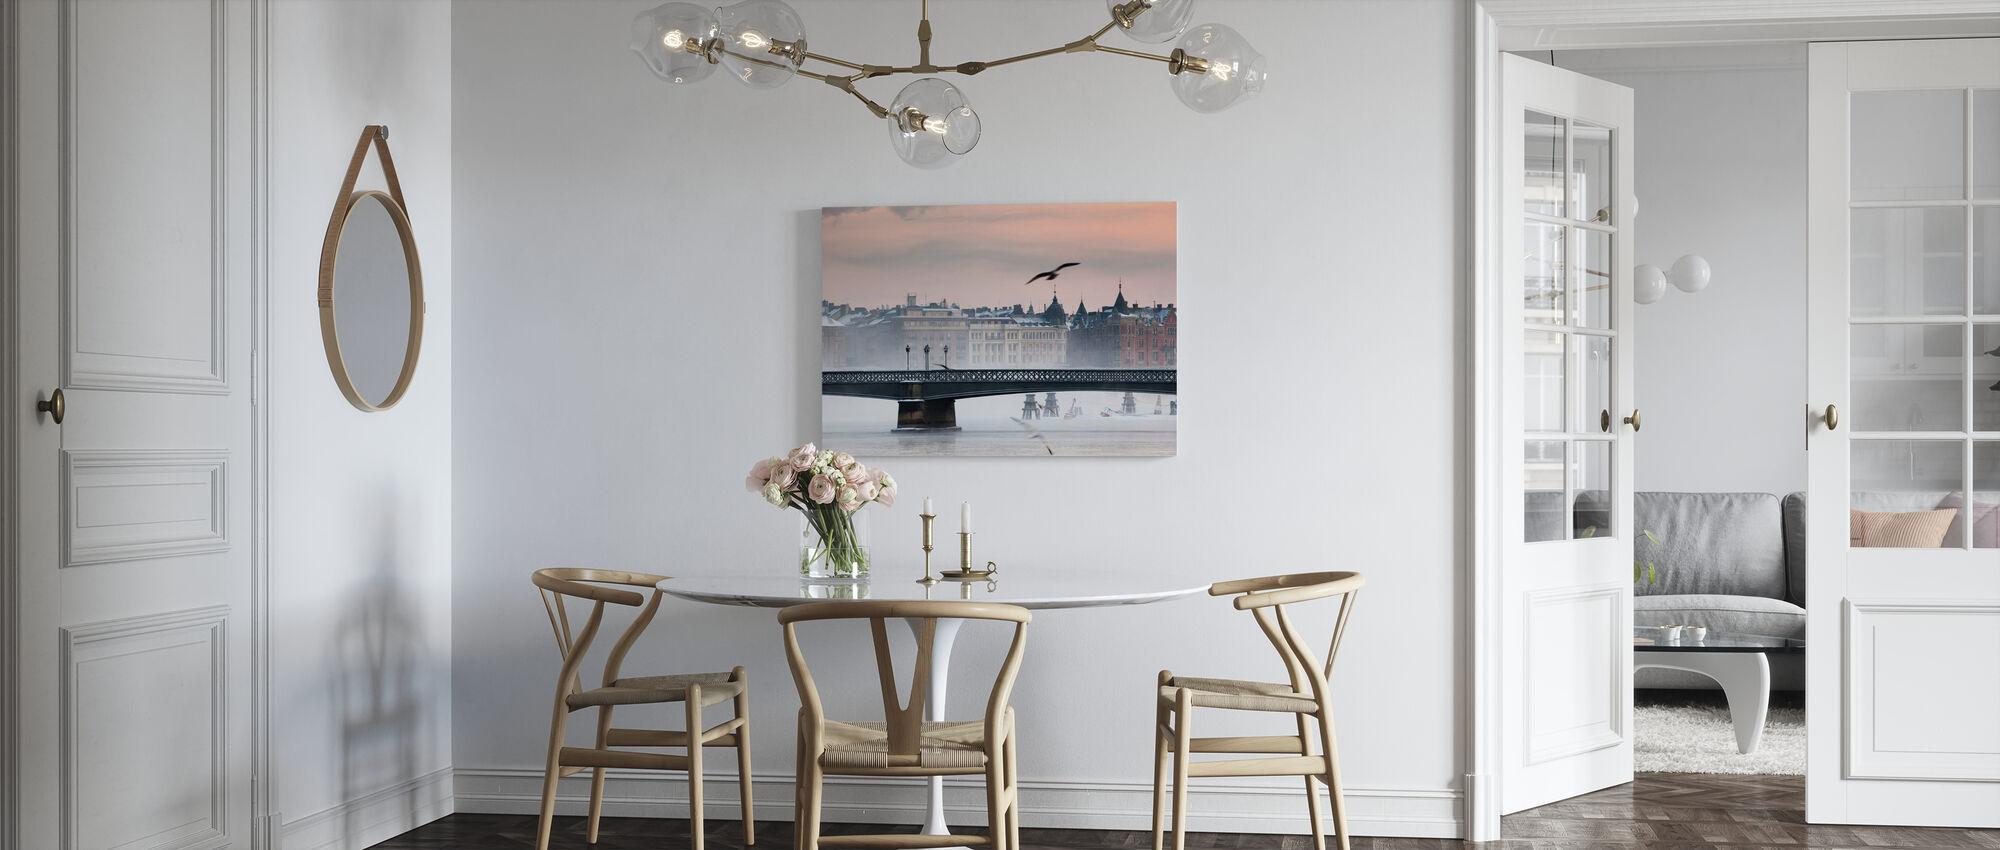 Ponte di Shipsholmen - Stampa su tela - Cucina